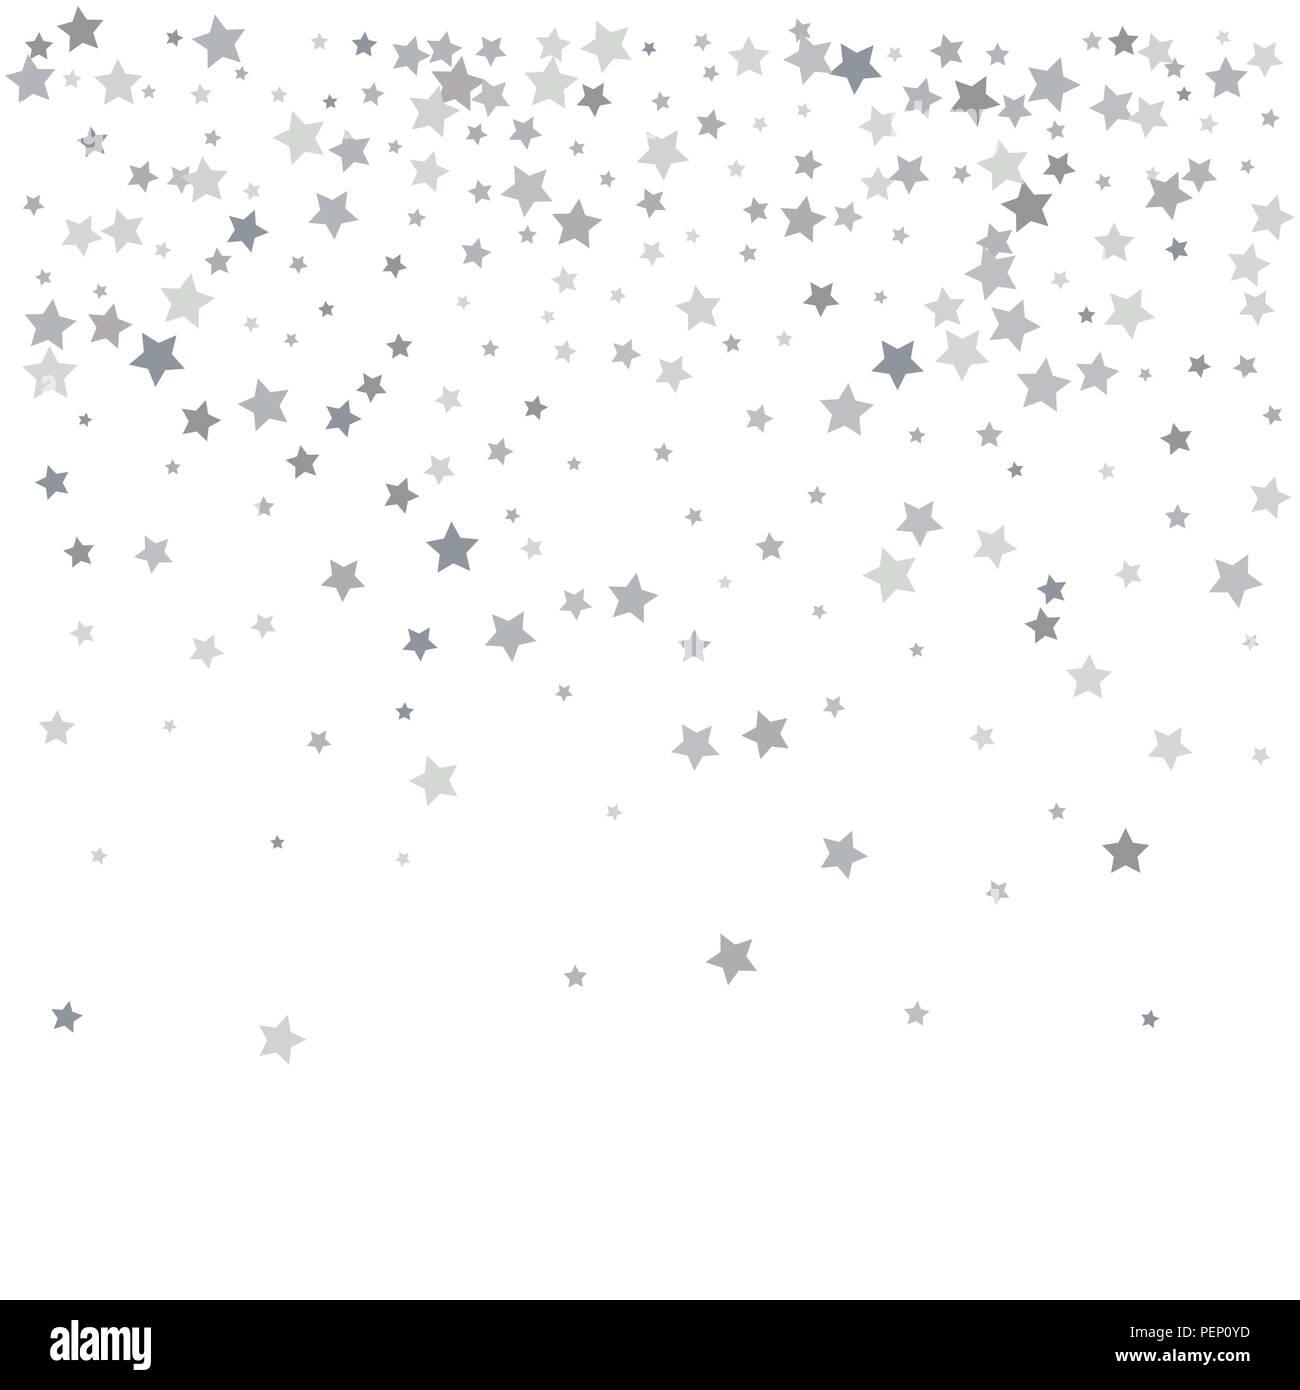 Confettis Etoiles Argent Tomber Arriere Plan De Fete De Luxe Texture Abstrait D Argent Sur Un Fond Blanc Element De Design Vector Illustration Image Vectorielle Stock Alamy